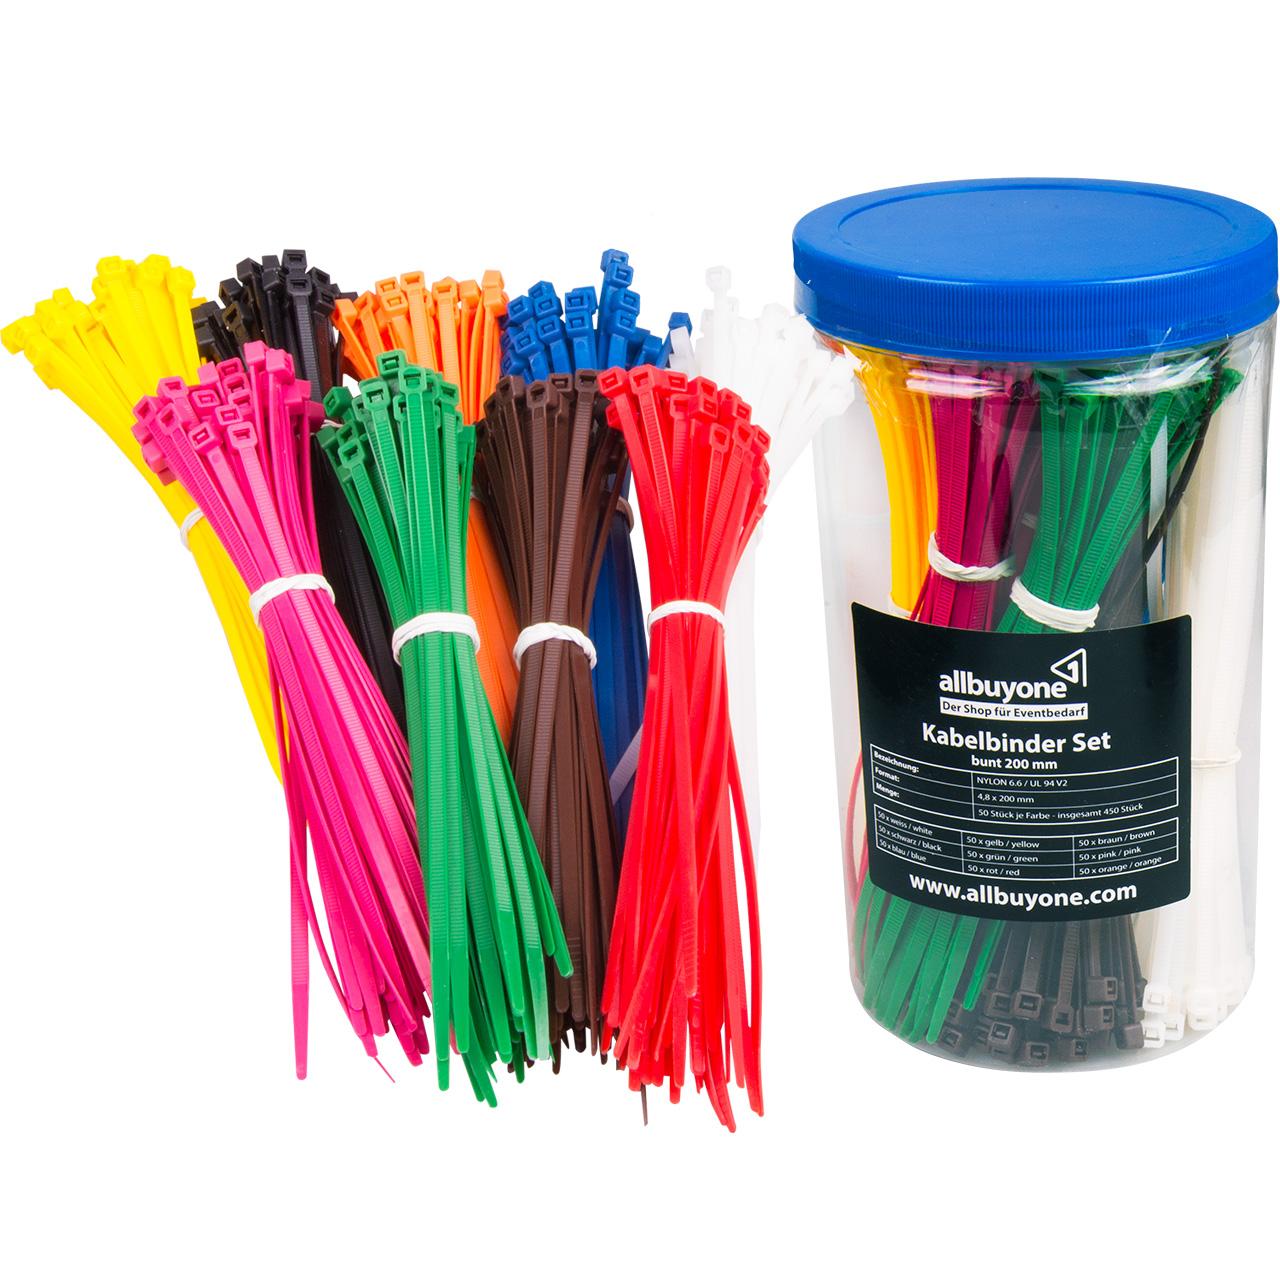 Farbige Kabelbinder kaufen, 450 tlg. Set | allbuyone